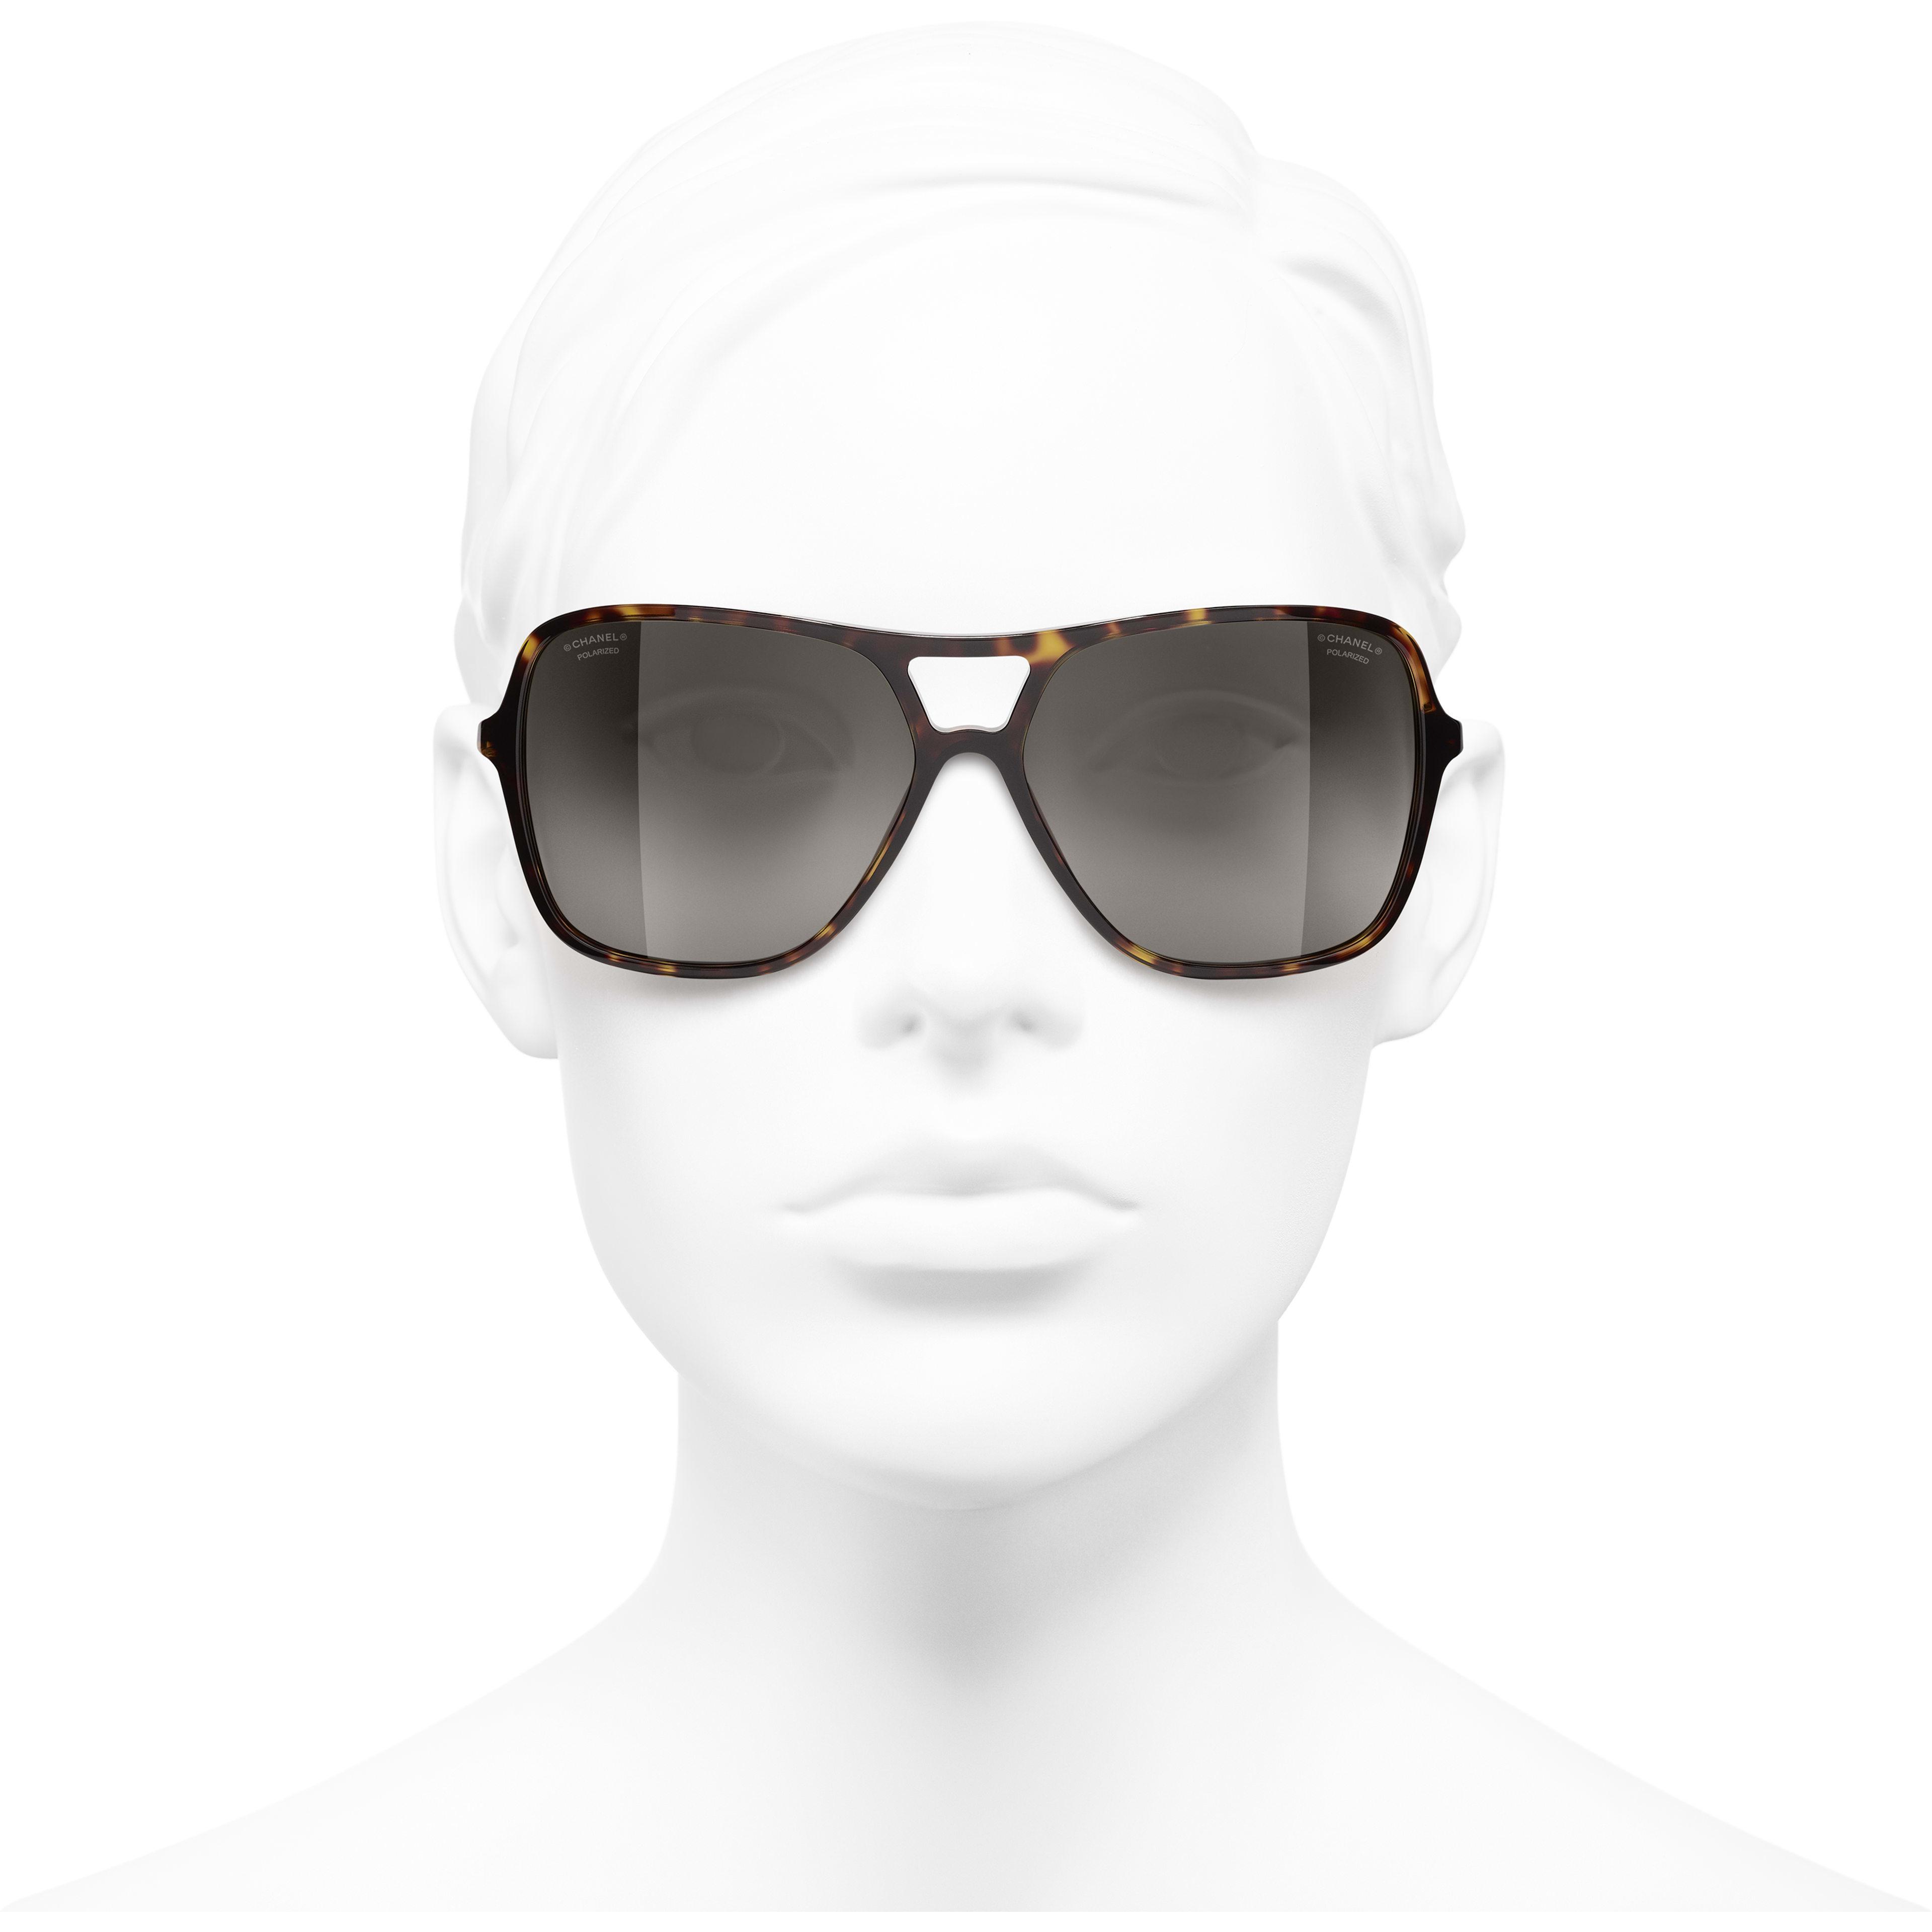 Pilotensonnenbrille - Dunkles Schildpatt - Metall & Kalbsleder - CHANEL - Vorderansicht - Standardgröße anzeigen